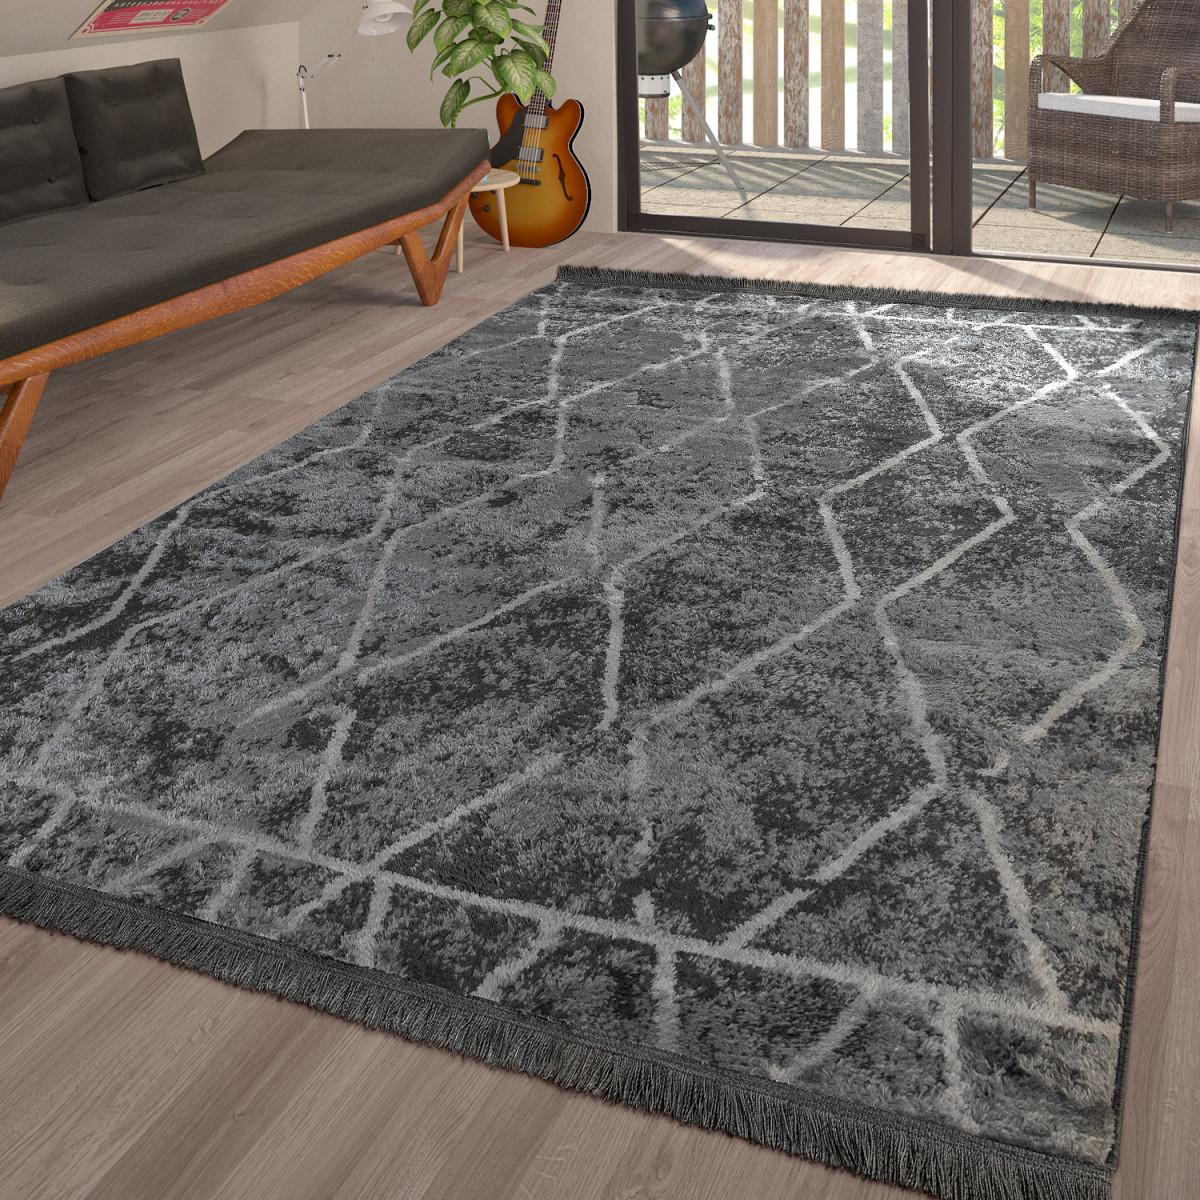 Teppich Wohnzimmer Skandinavisch Karo In Verschiedenen Farben von Teppich Wohnzimmer Skandinavisch Bild